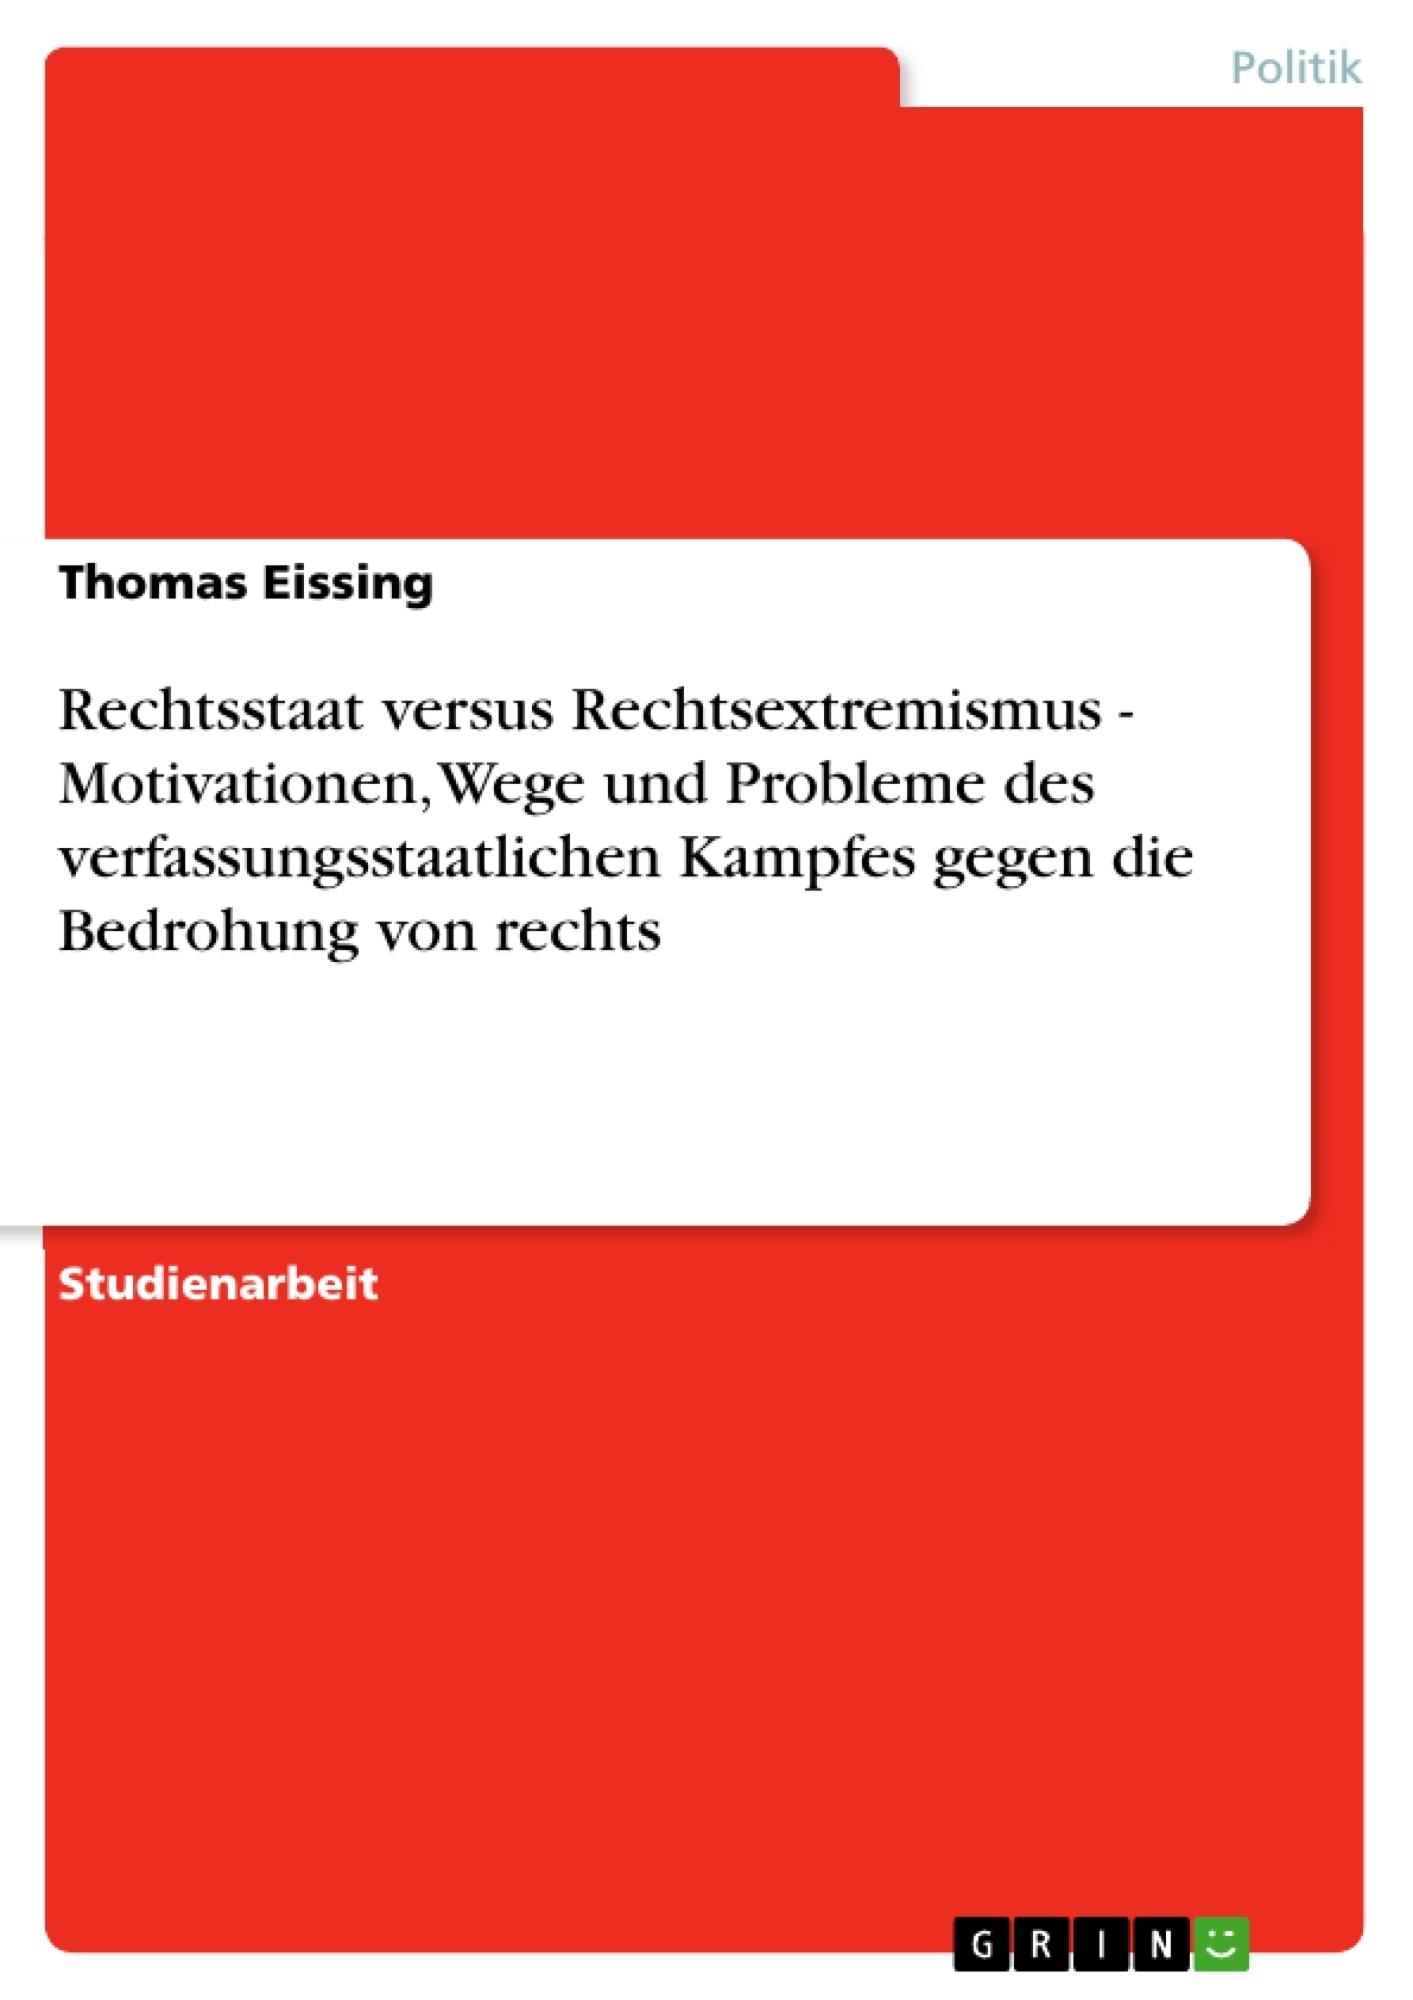 Titel: Rechtsstaat versus Rechtsextremismus - Motivationen, Wege und Probleme des verfassungsstaatlichen Kampfes gegen die Bedrohung von rechts